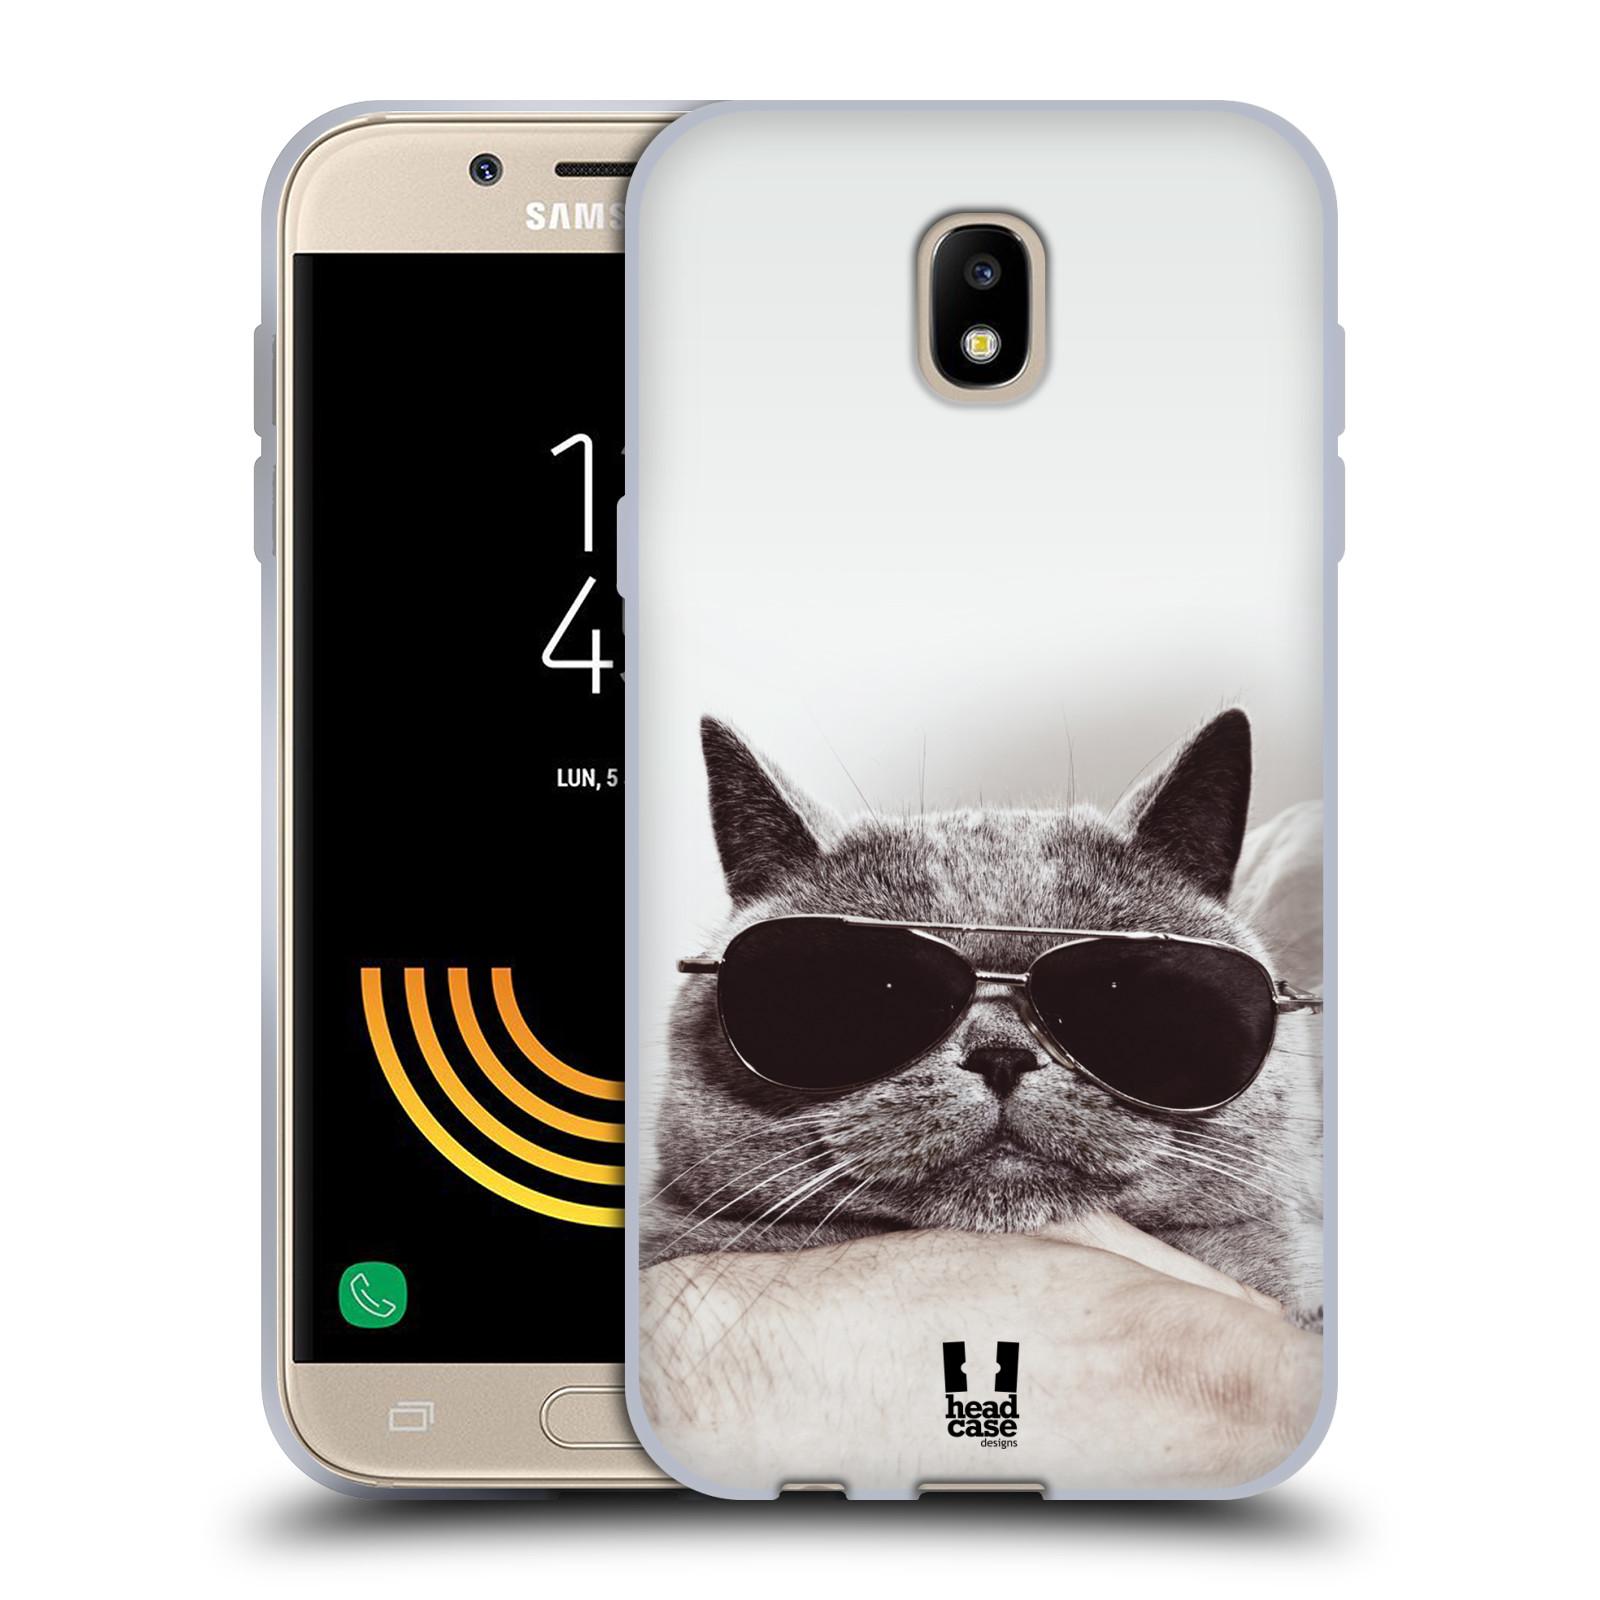 Silikonové pouzdro na mobil Samsung Galaxy J5 (2017) - Head Case - KOTĚ S BRÝLEMI (Silikonový kryt či obal na mobilní telefon Samsung Galaxy J5 2017 SM-J530F/DS s motivem KOTĚ S BRÝLEMI)